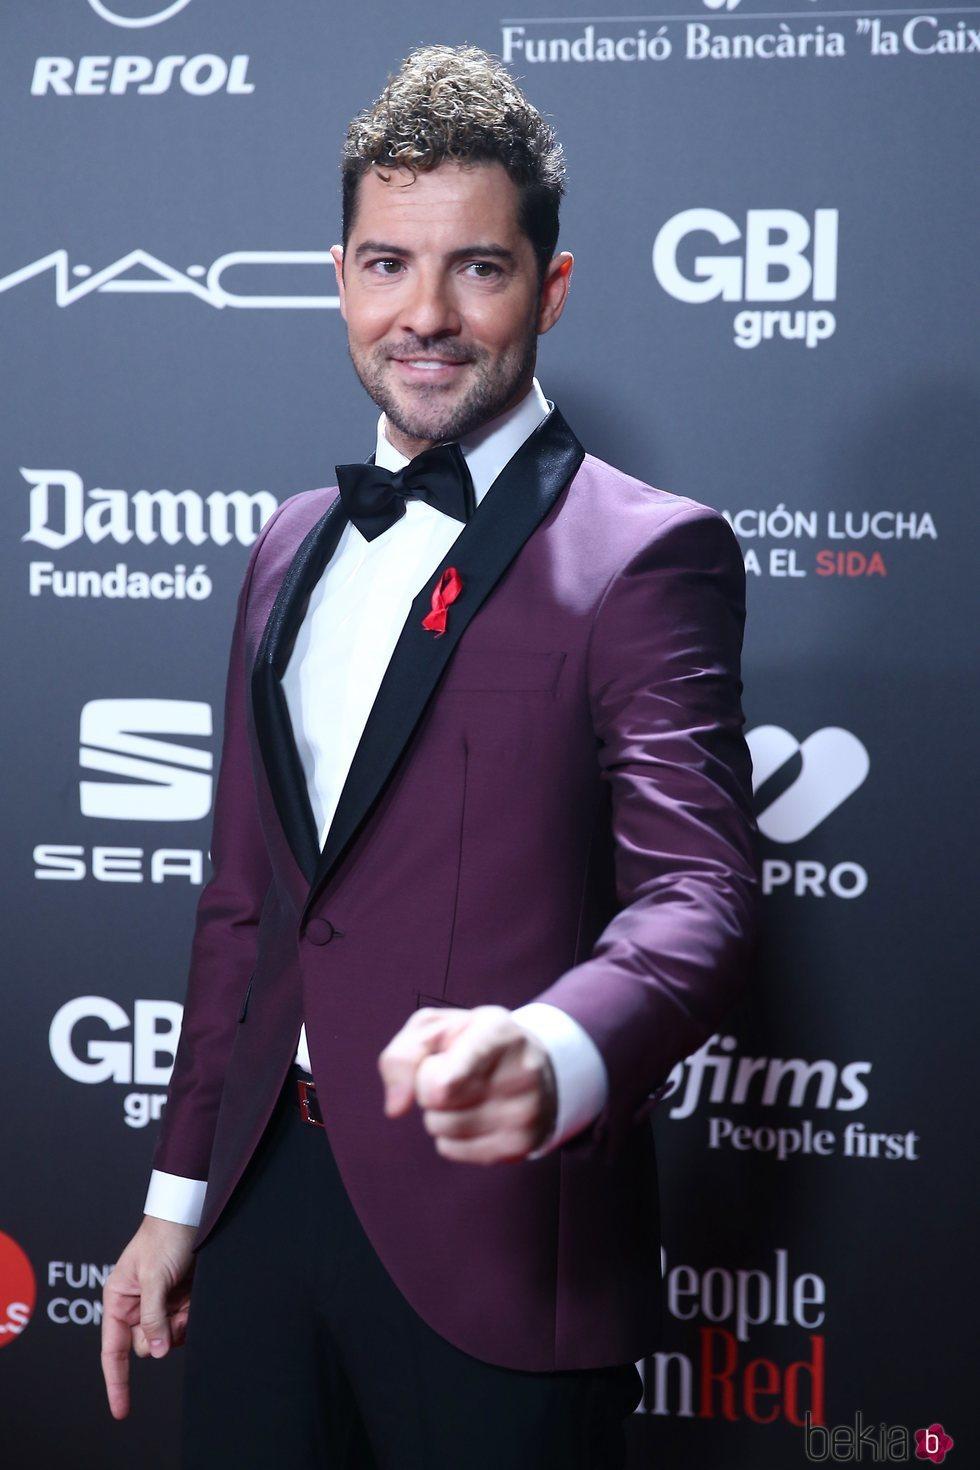 David Bisbal en la gala 'People in red' 2018